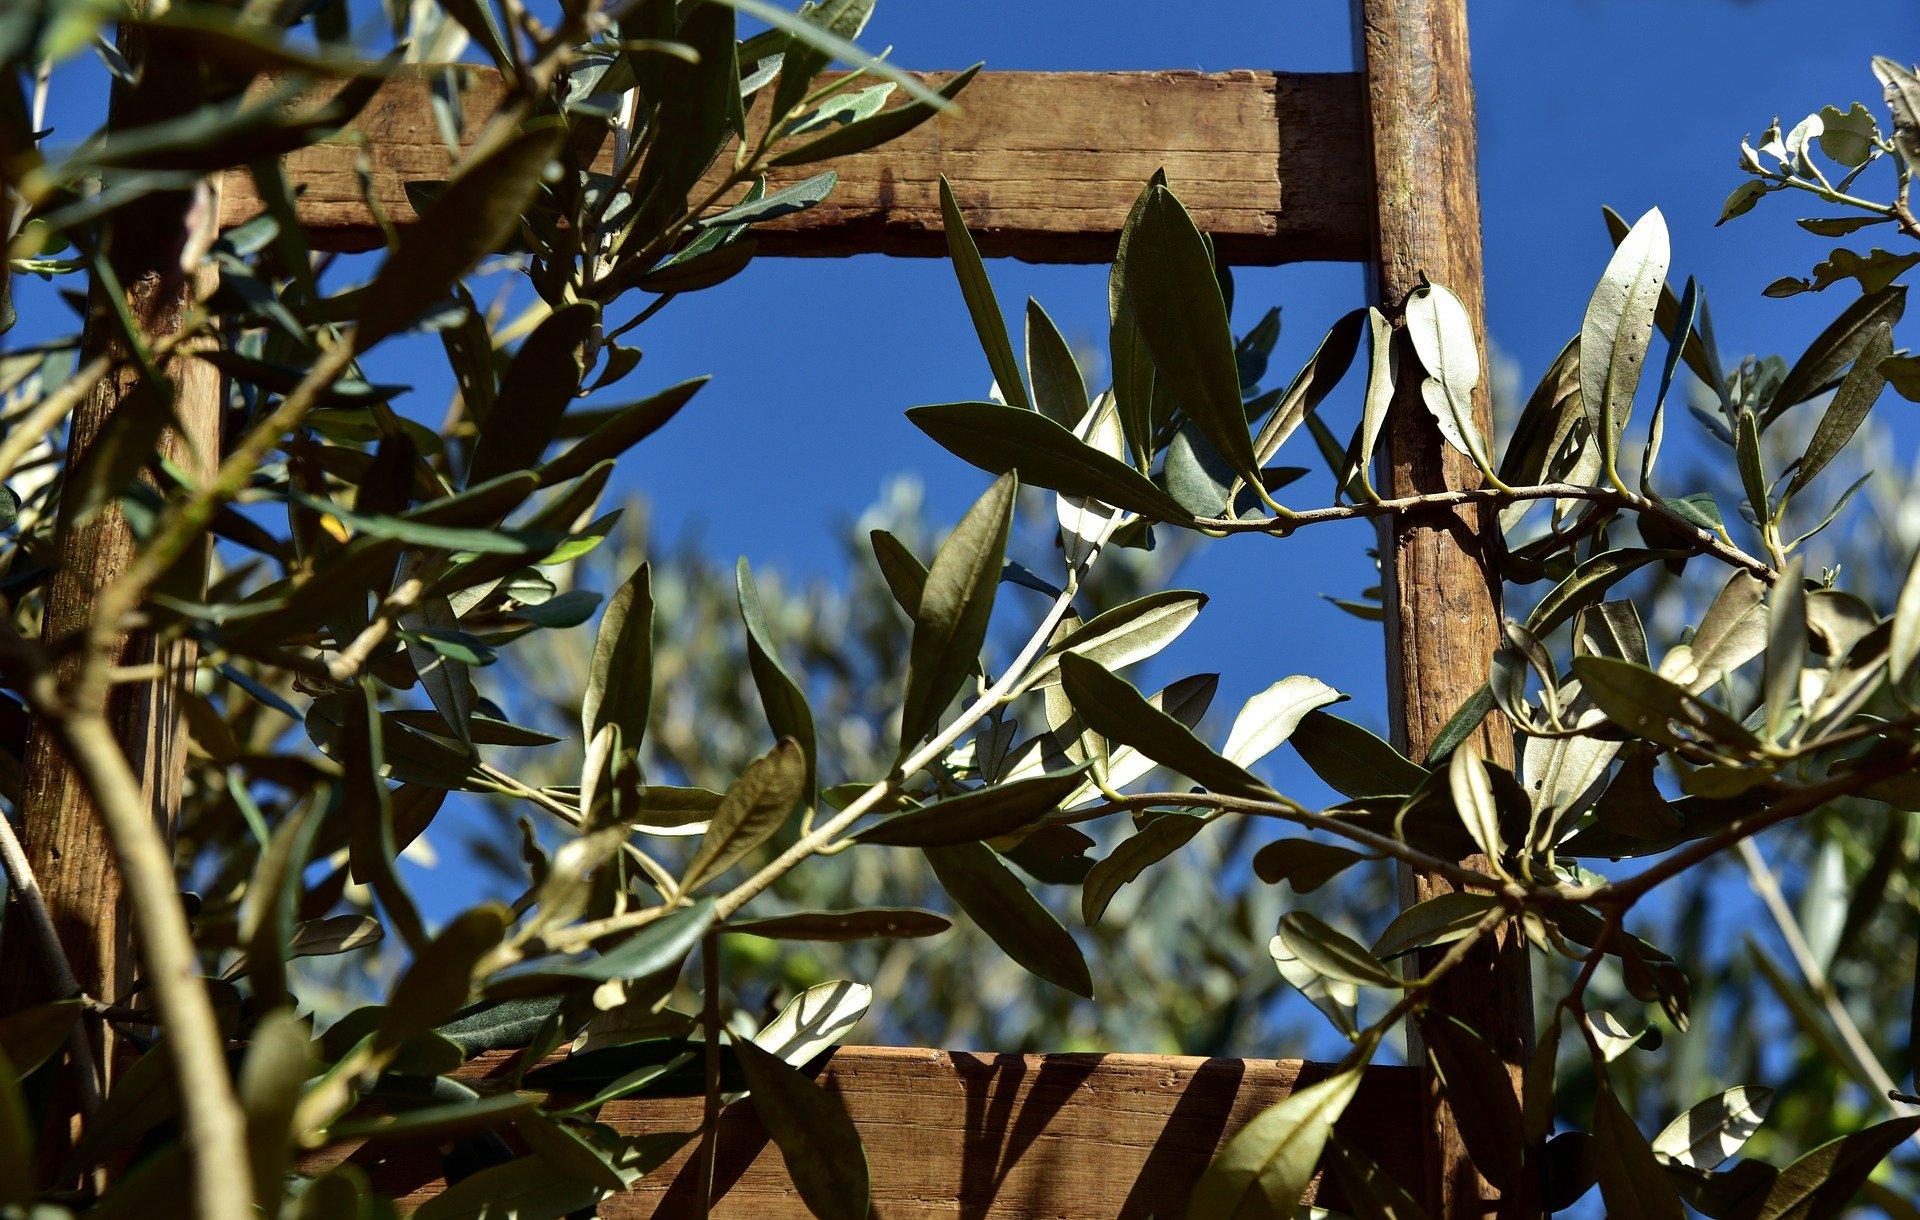 Piante Da Regalare A Pasqua l'olivo, l'albero simbolo della pasqua - blog - master